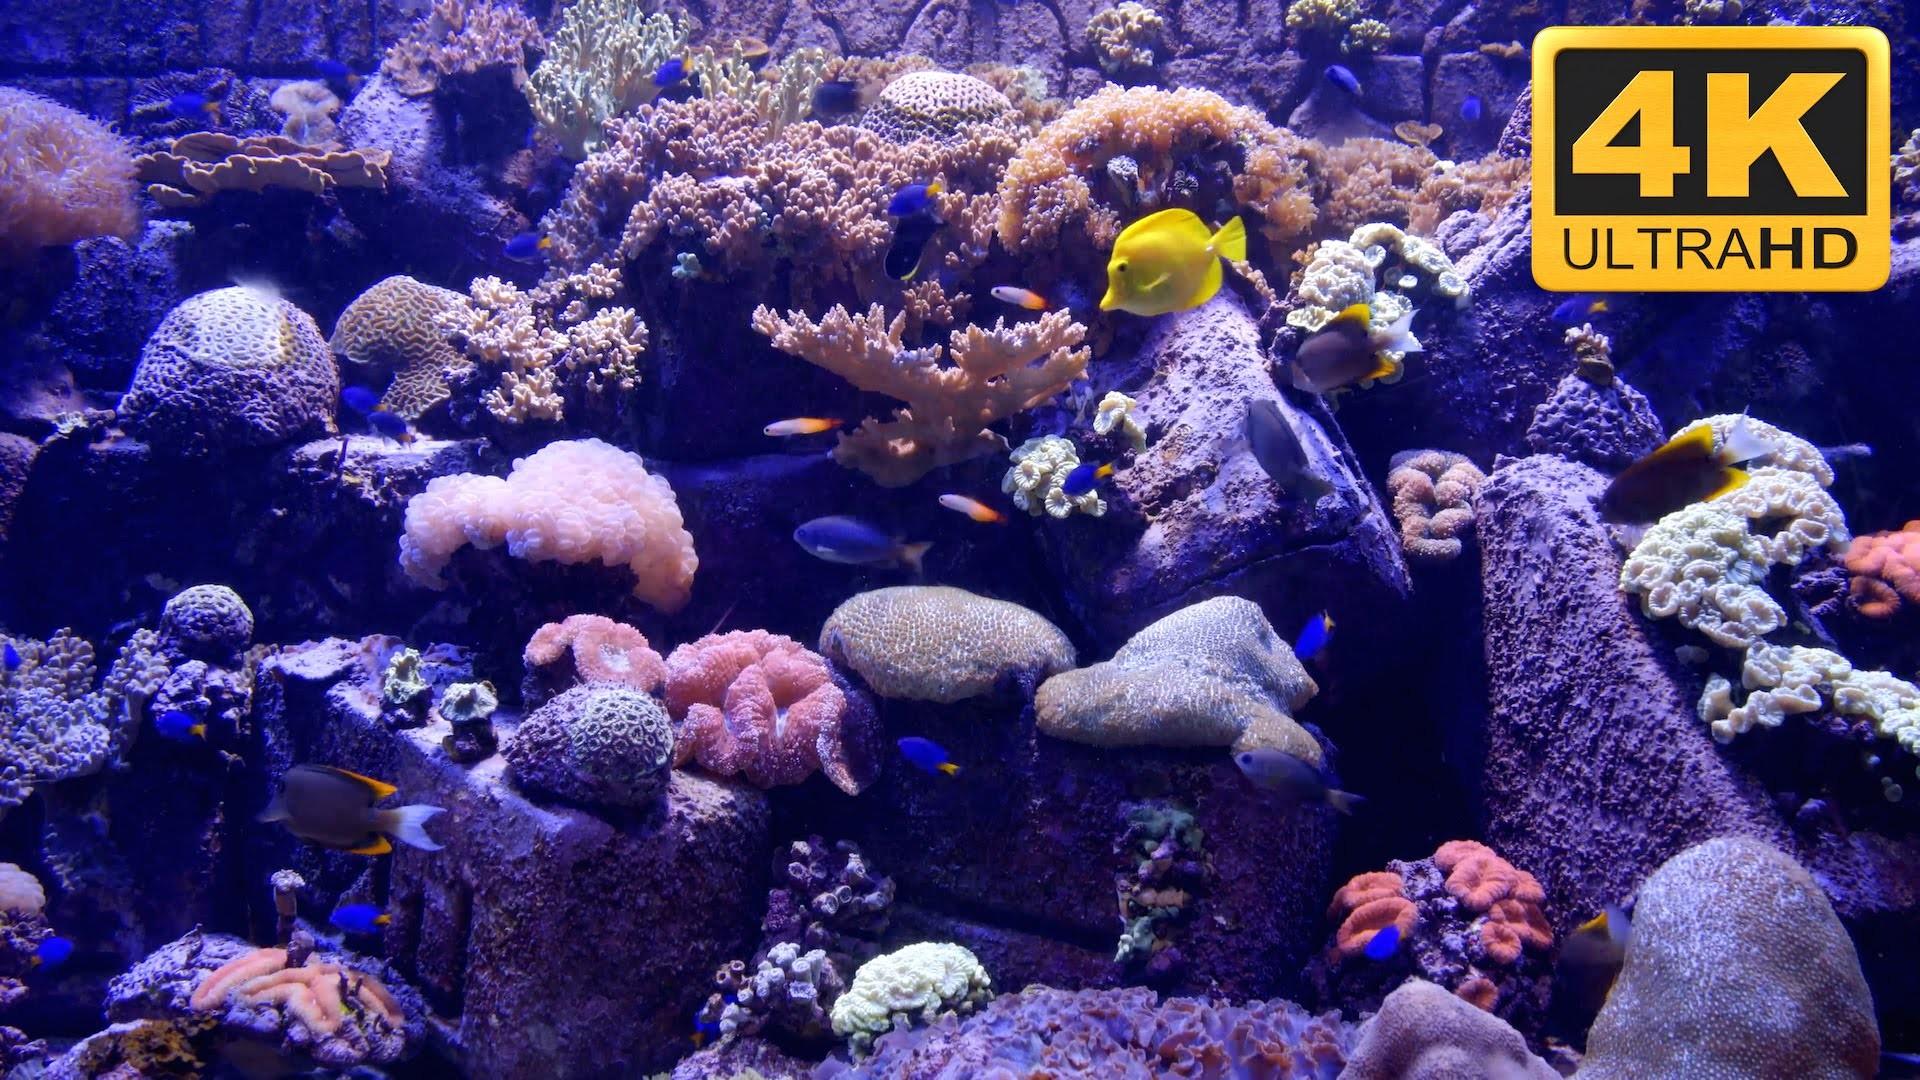 Full Size of Fish Tank 4kum Screensaver And Tv Wallpaper Youtube  Maxresdefault Crawler Free Downloadaquarium Download …